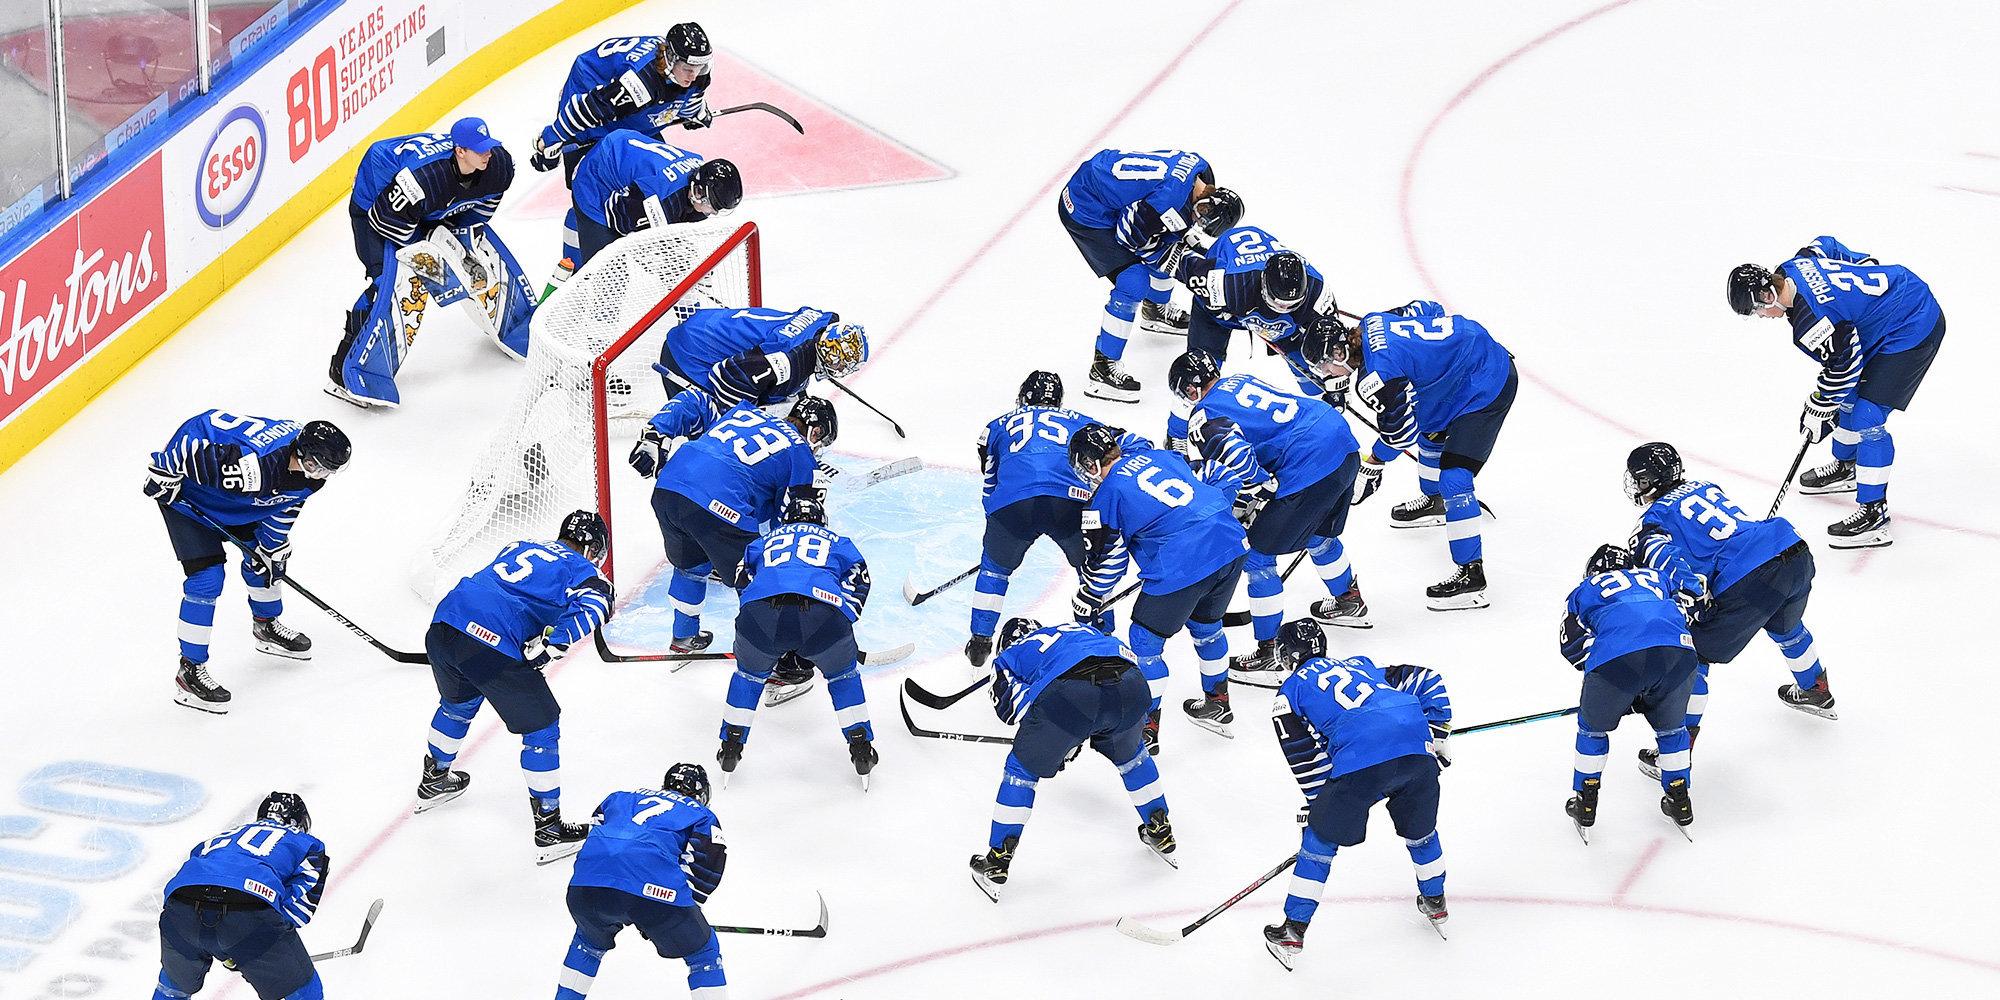 Финляндия добилась победы над Чехией в матче Евротура